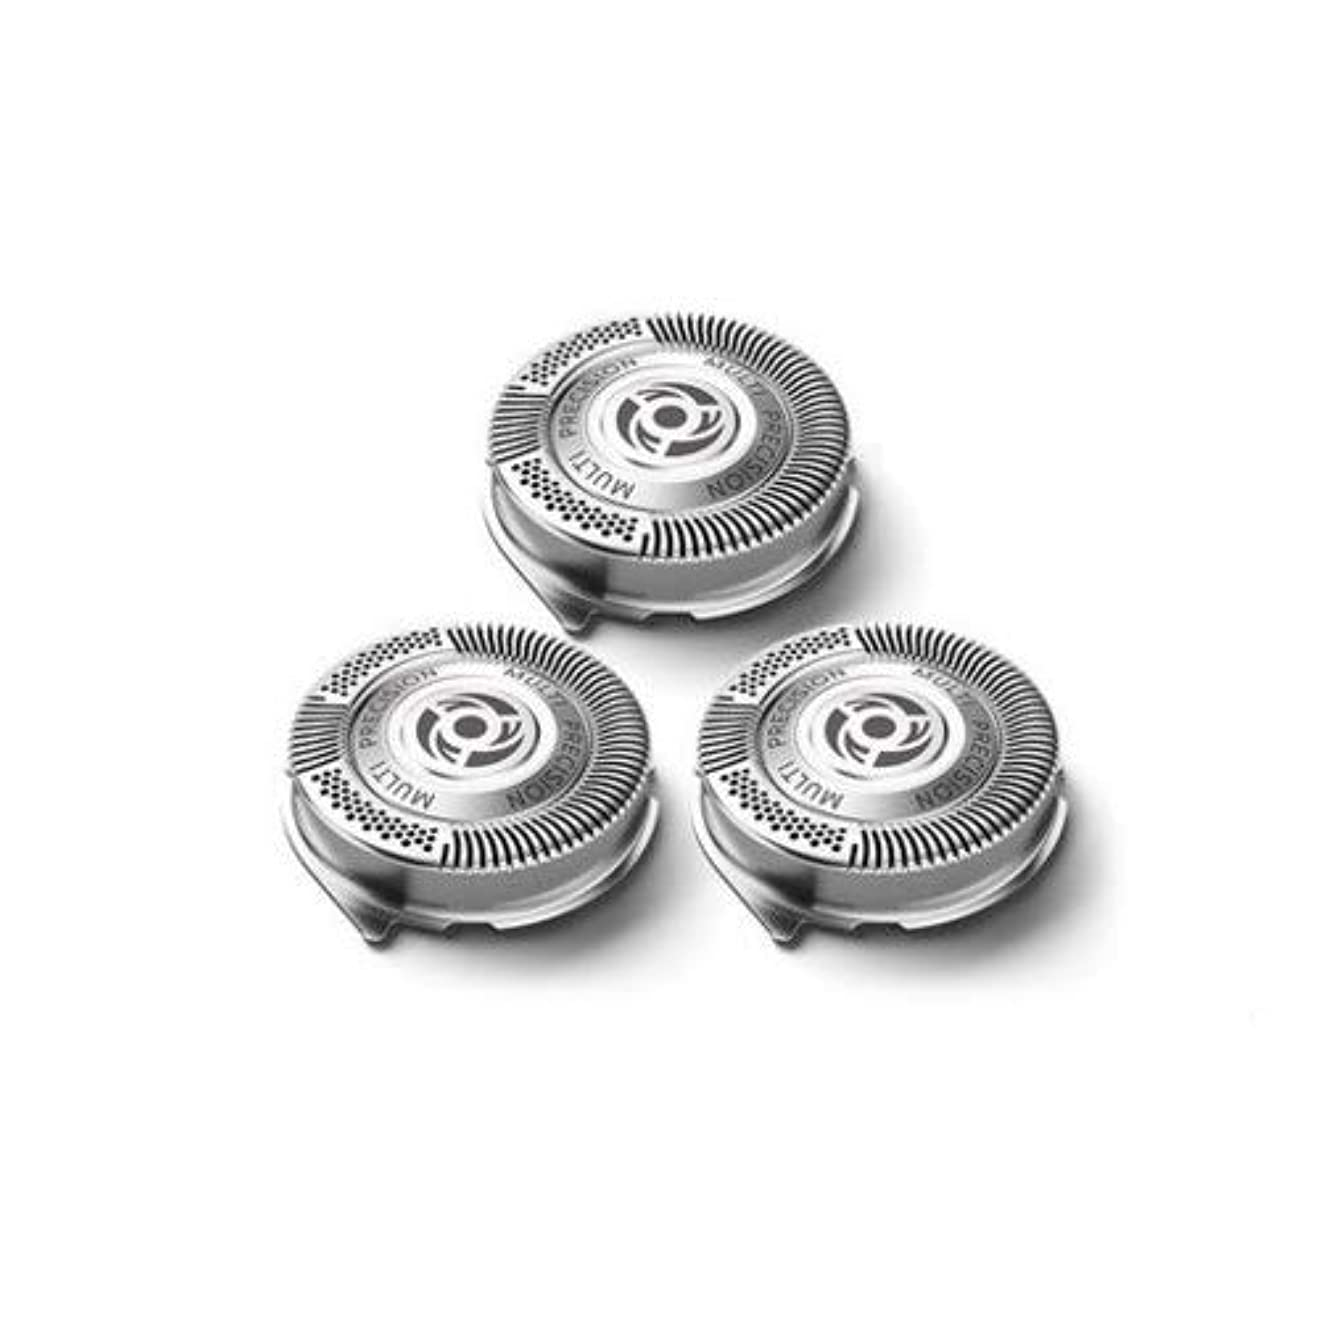 縁つかまえる囲いシェーバーカミソリヘッド交換 替え刃 に適用するPhilips SH50 DualPrecisionヘッド(3個)